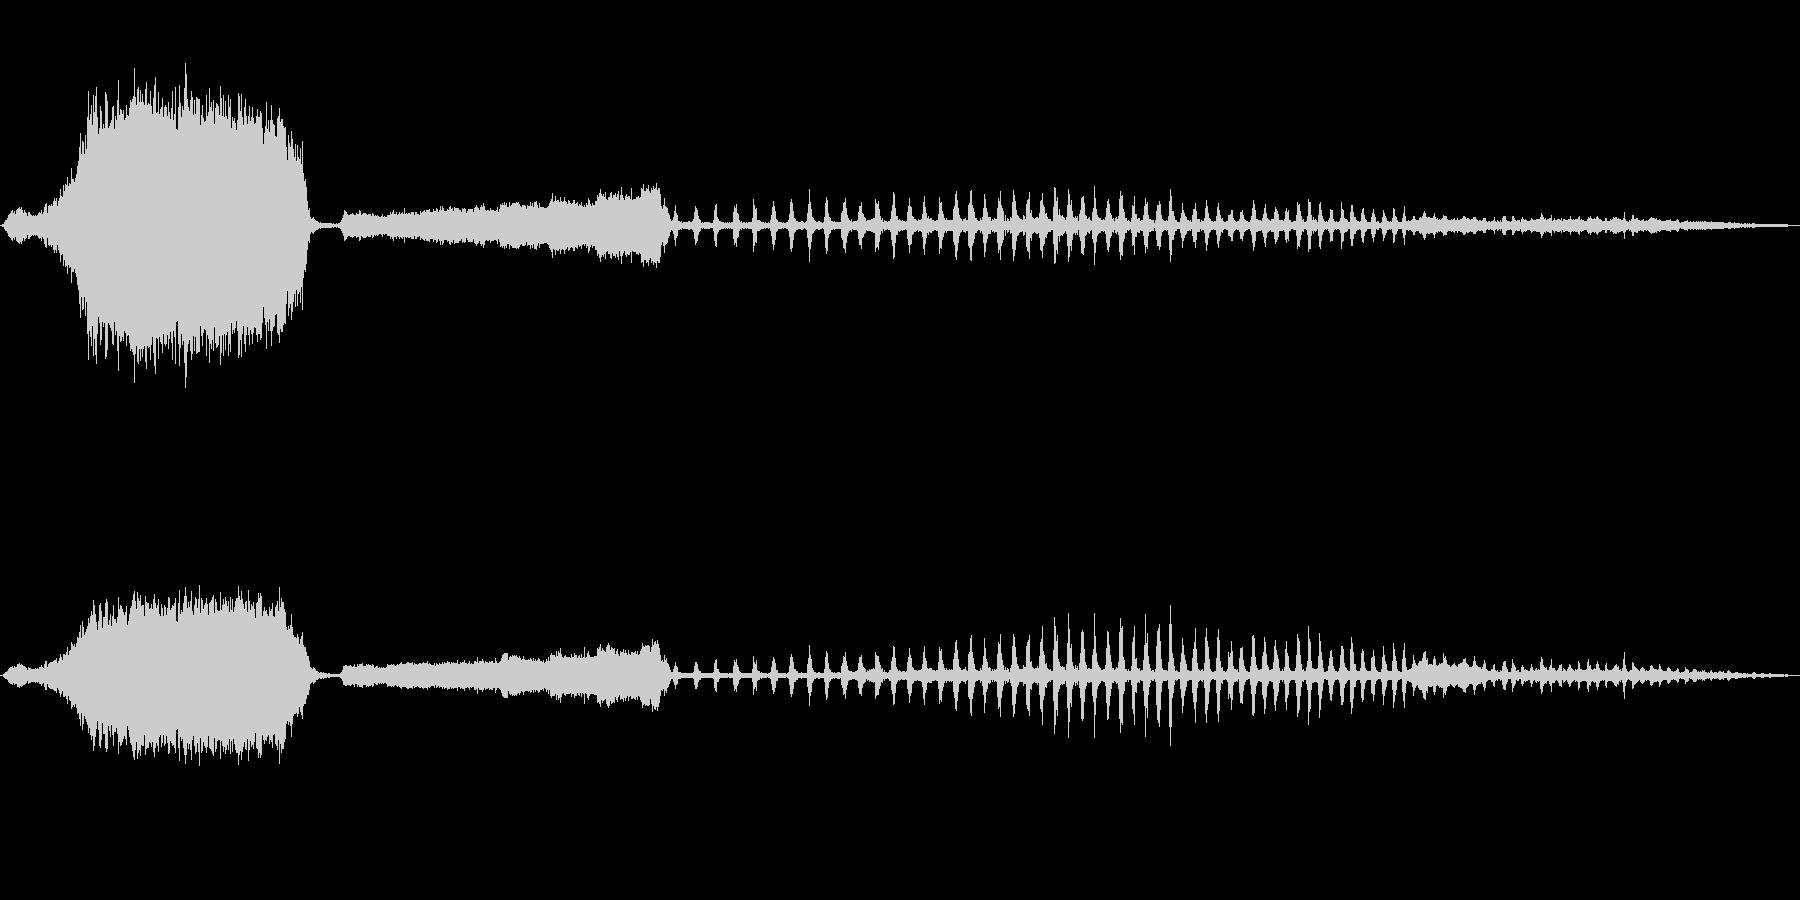 蒸気機関車の音の未再生の波形